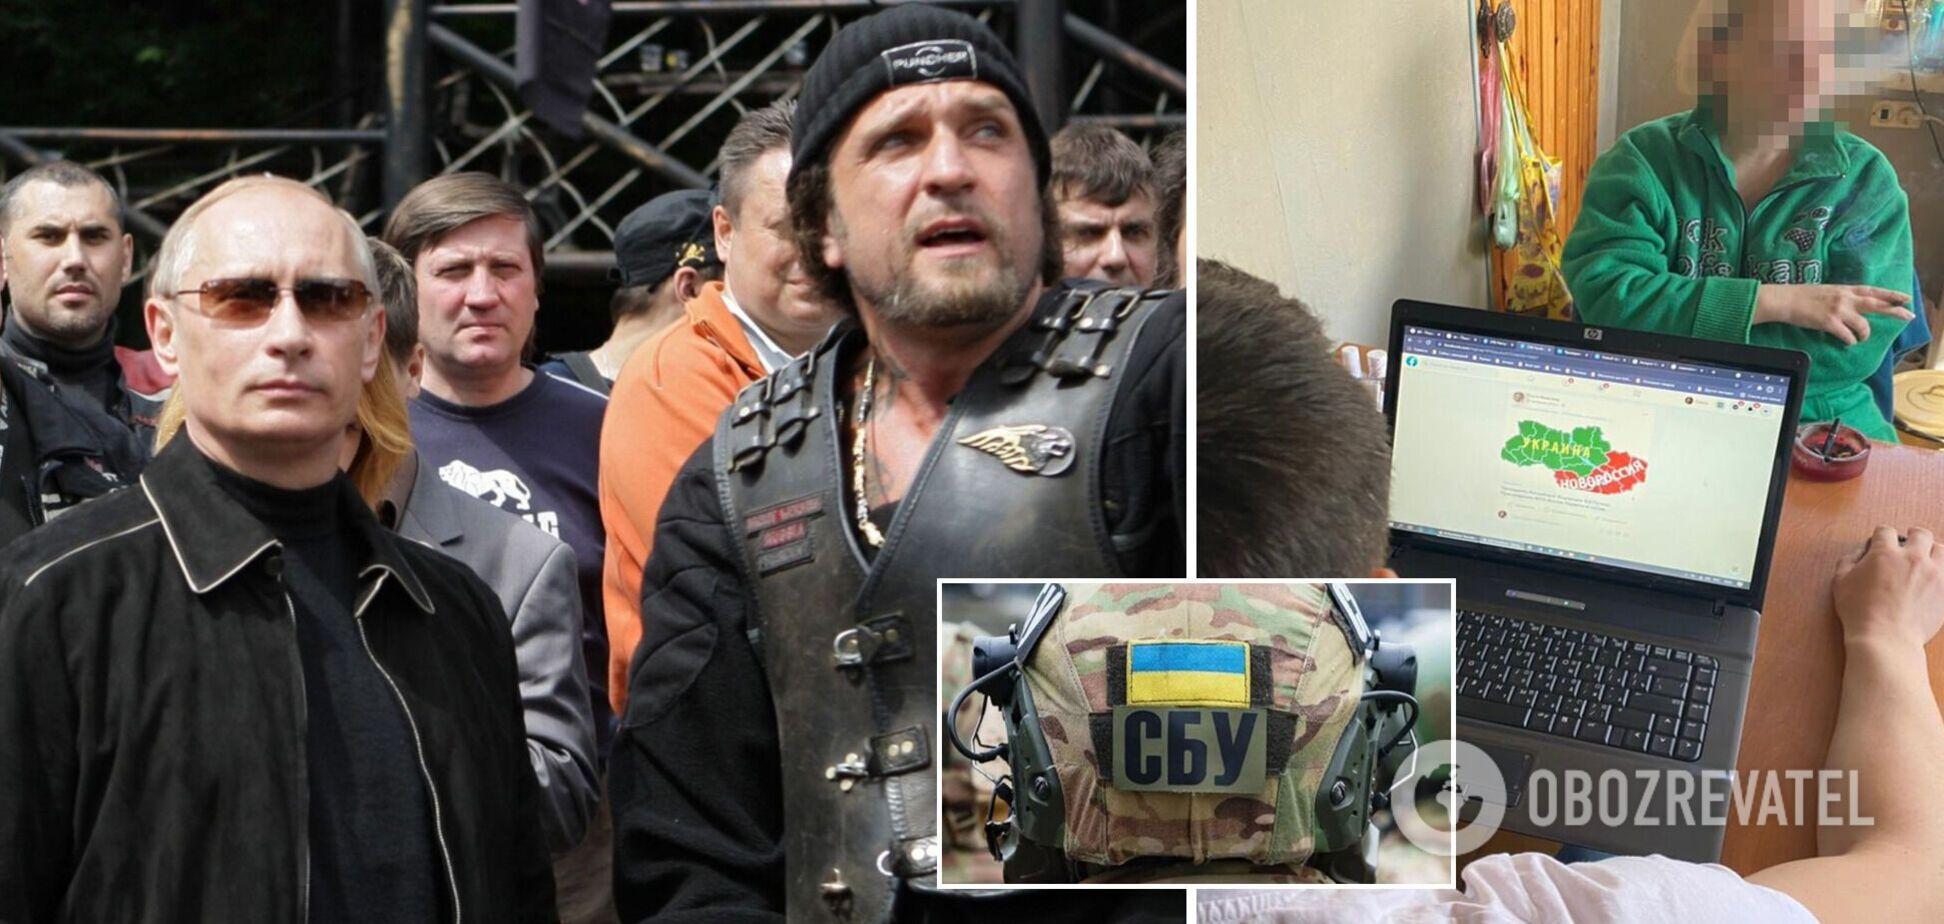 Под Киевом фанатка 'друга Путина' байкера Залдостанова призывала к введению войск РФ в Украину